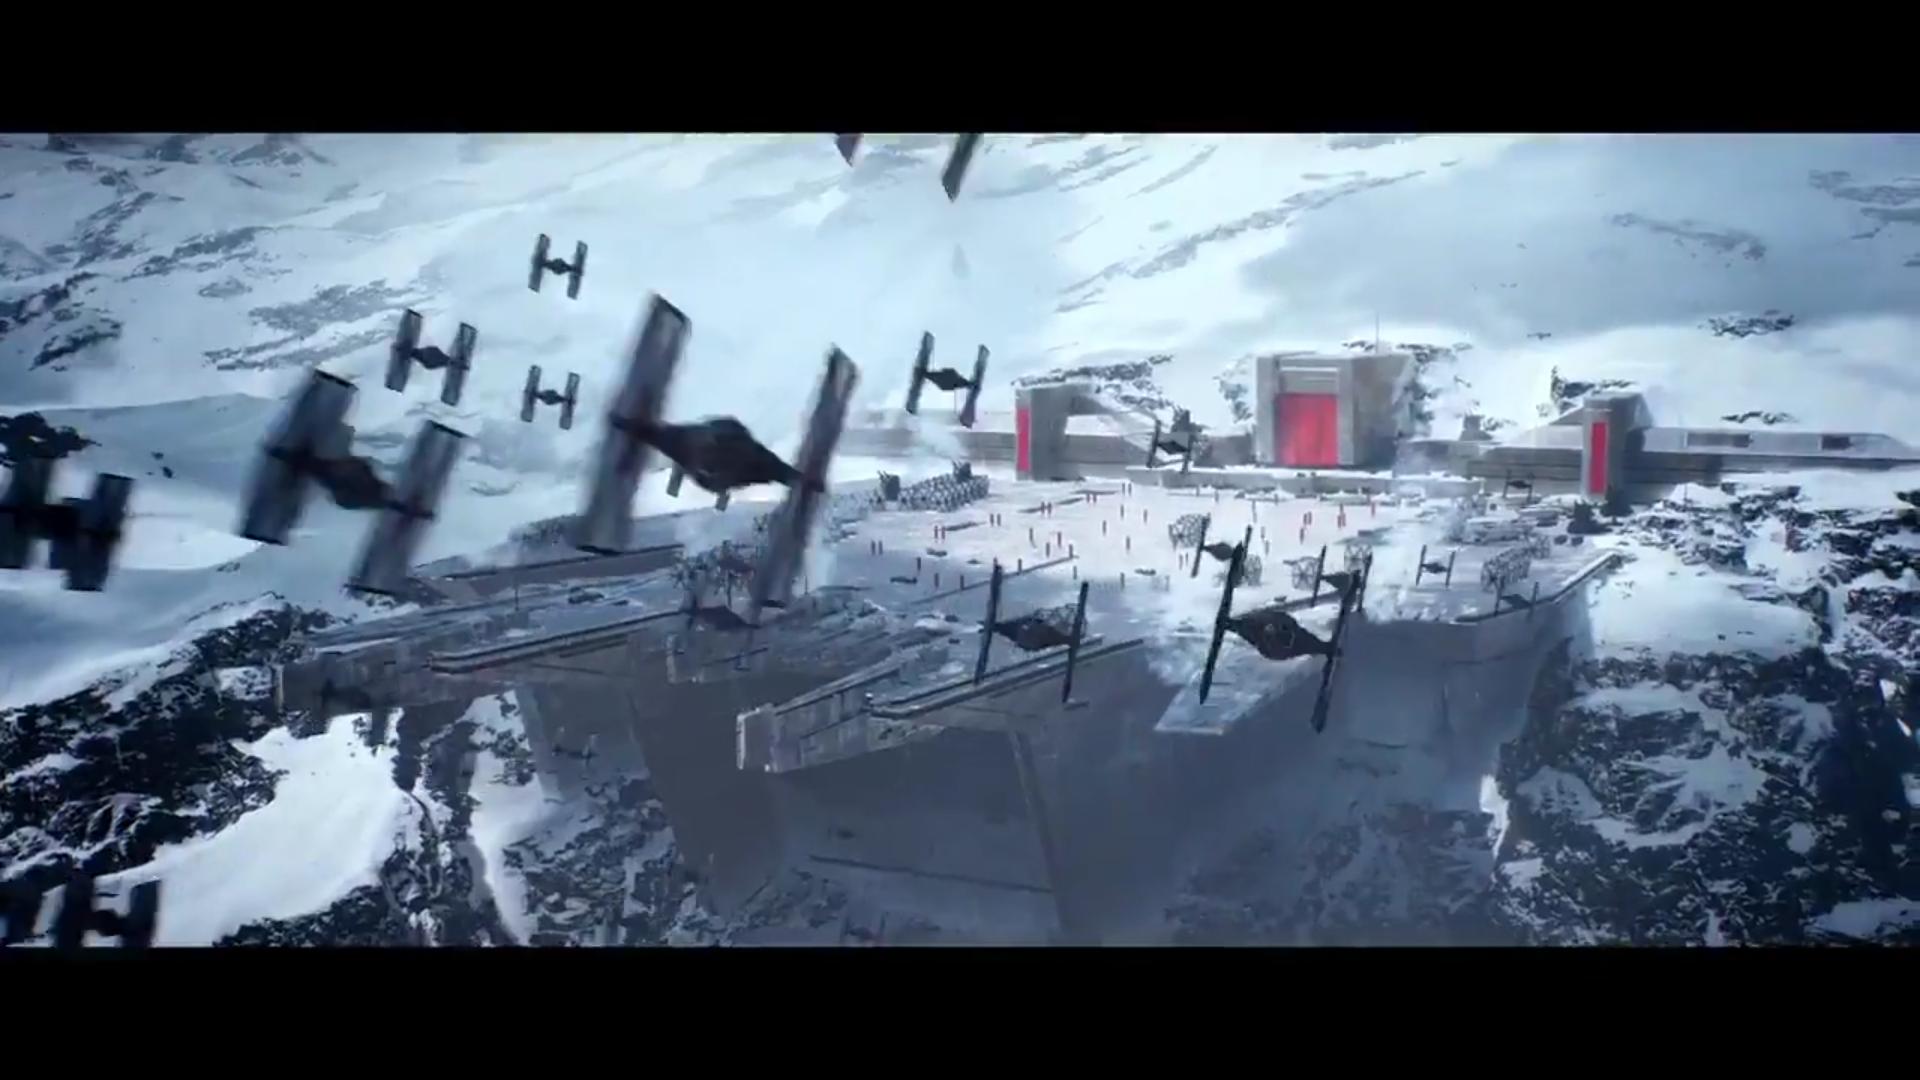 Star Wars Battlefront II Teaser Leaks Online Early 31